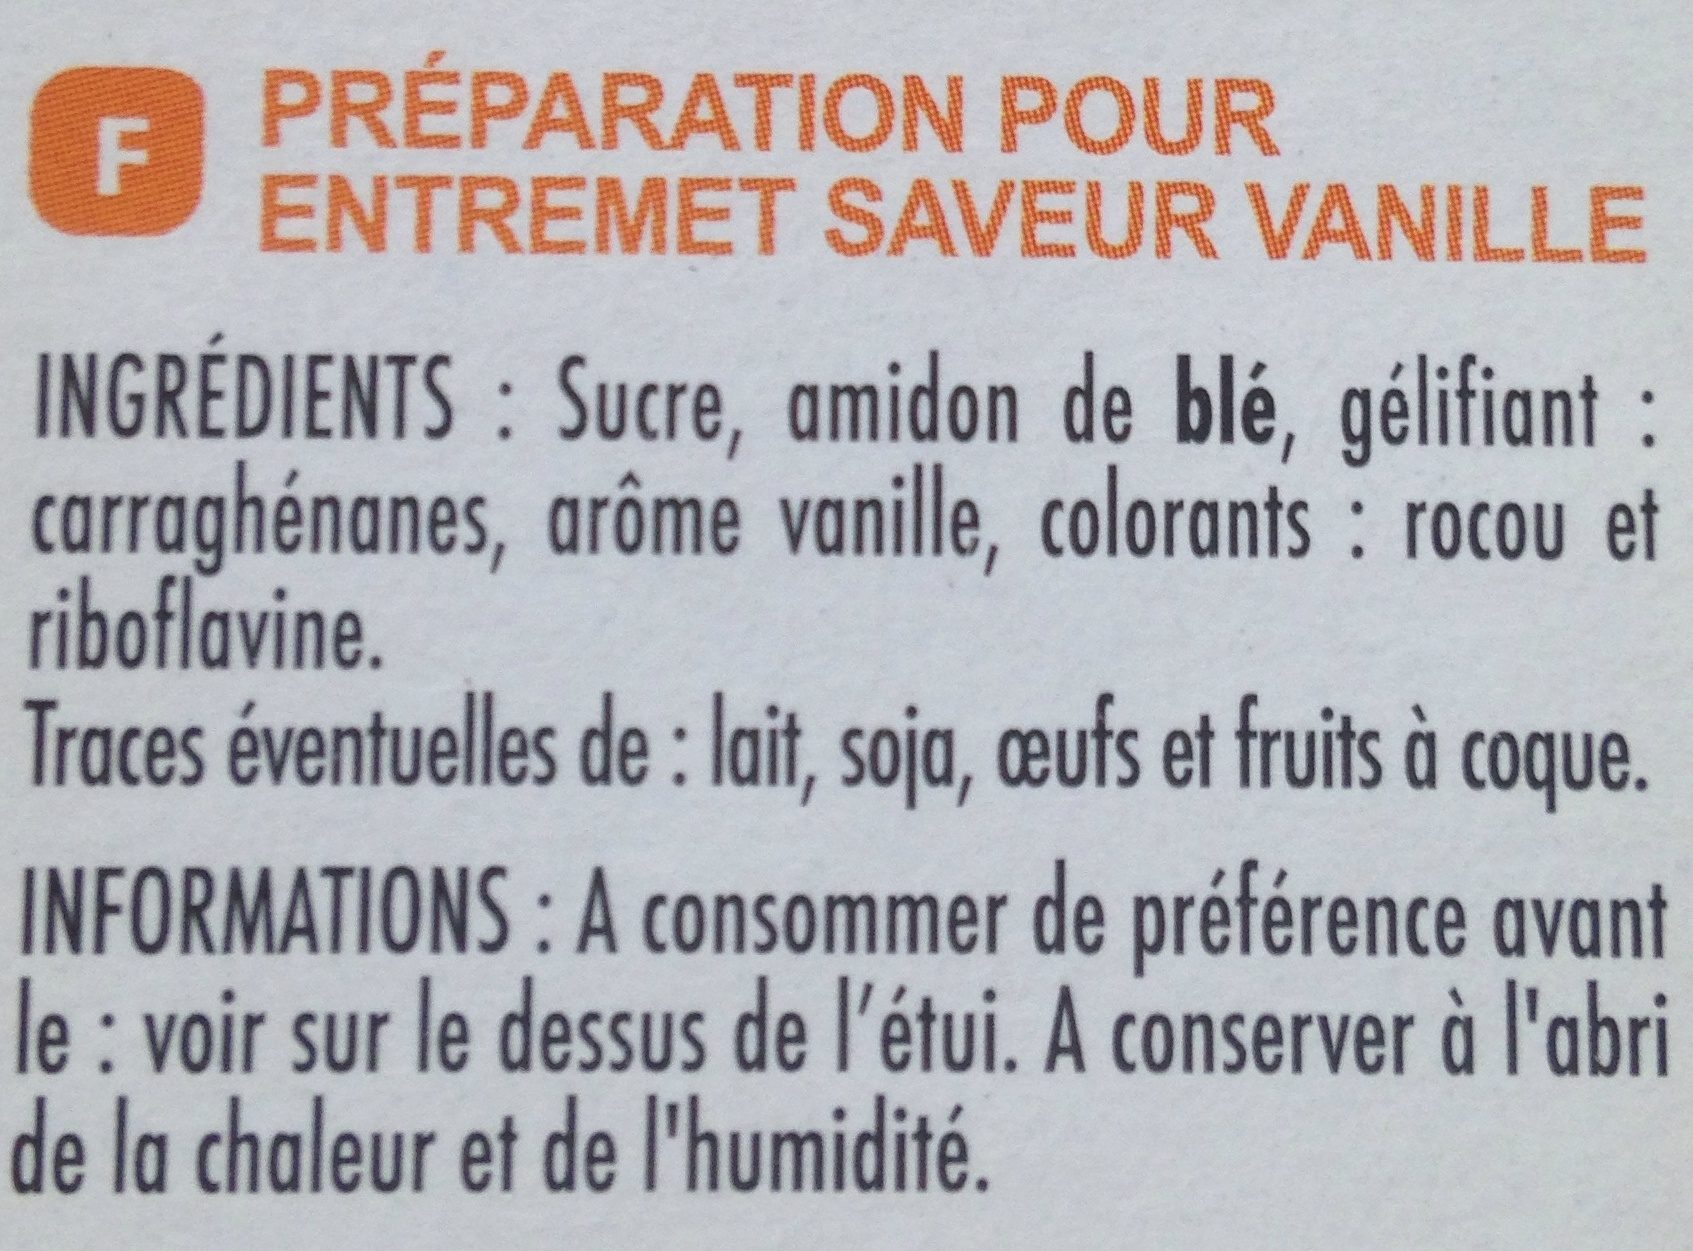 Préparation pour flan parfum vanille - Ingredients